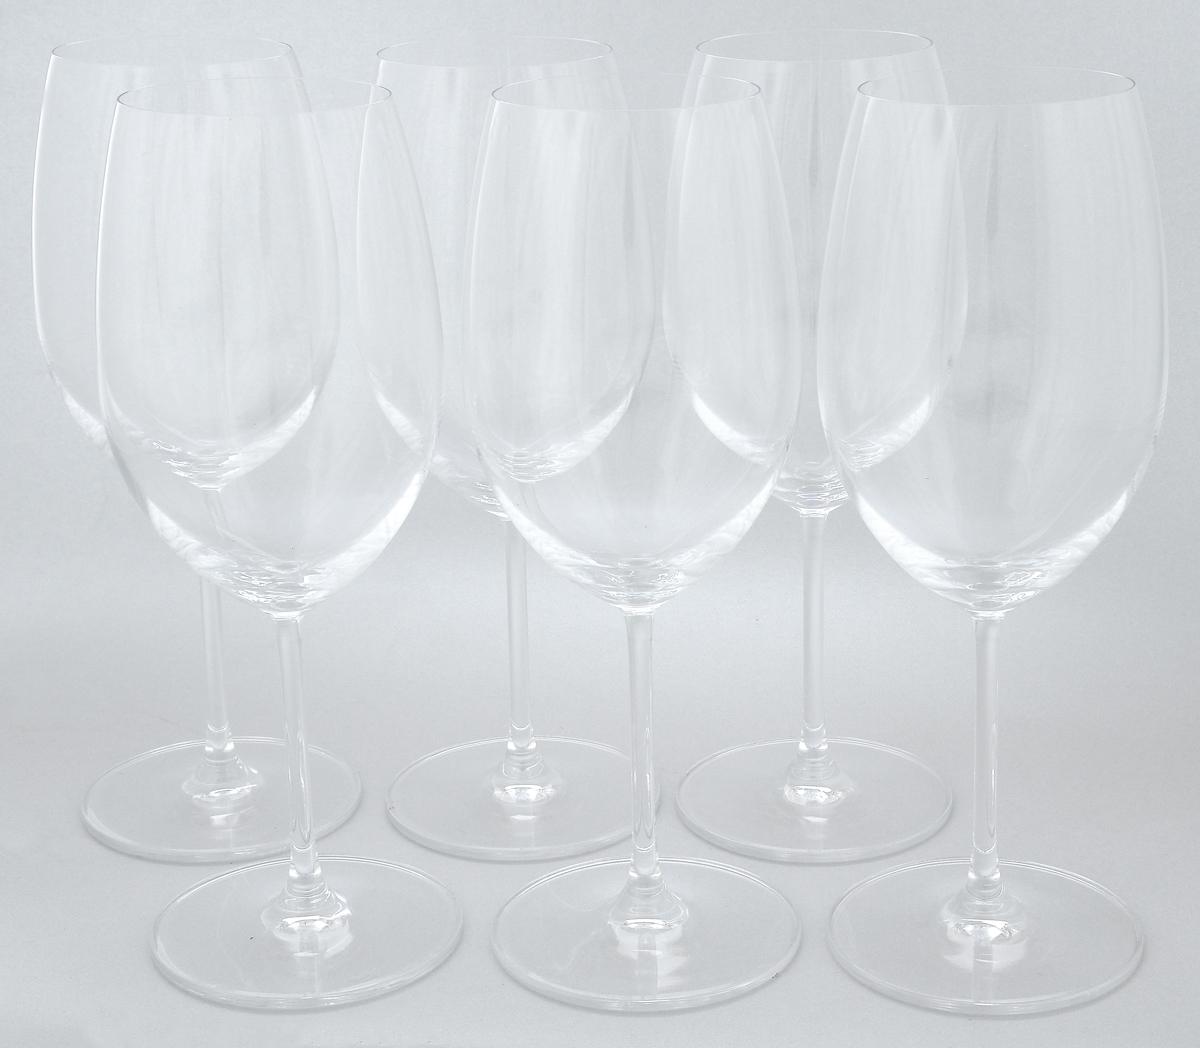 Набор бокалов Pasabahce Vintage, 600 мл, 6 штVT-1520(SR)Набор Pasabahce Vintage состоит из шести бокалов, выполненных из прочного натрий-кальций-силикатного стекла. Изделия оснащены высокими ножками. Бокалы предназначены для подачи вина. Они сочетают в себе элегантный дизайн и функциональность. Благодаря такому набору пить напитки будет еще вкуснее.Набор бокалов Pasabahce Vintage прекрасно оформит праздничный стол и создаст приятную атмосферу за романтическим ужином. Такой набор также станет хорошим подарком к любому случаю. Можно мыть в посудомоечной машине и использовать в холодильнике.Диаметр бокала по верхнему краю: 6,8 см. Высота бокала: 24 см.